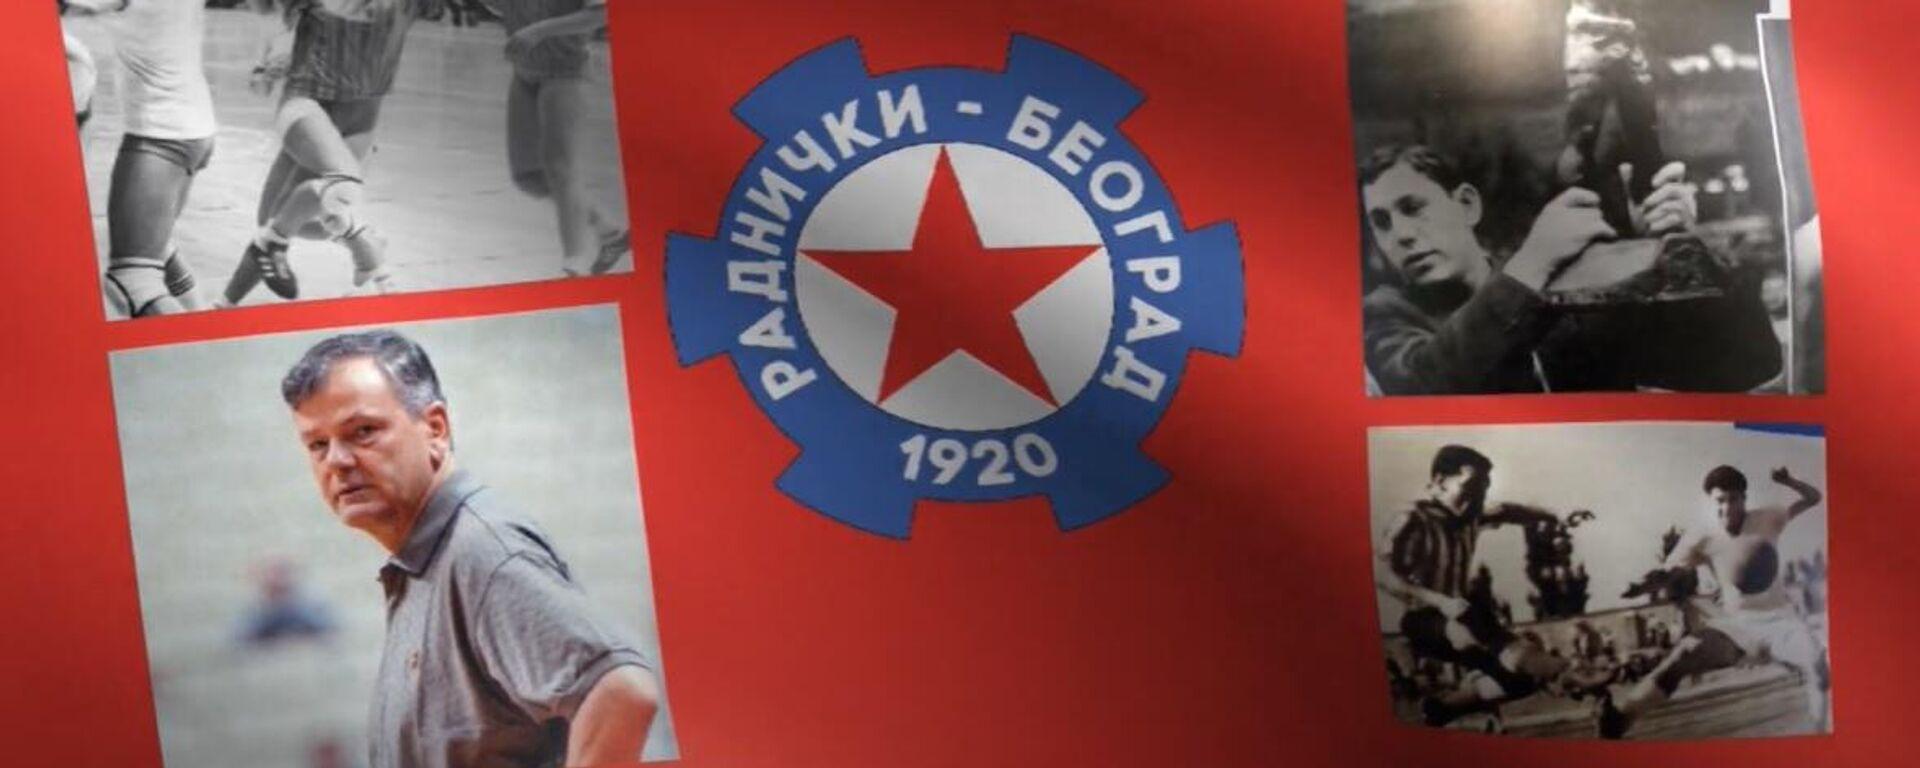 Раднички са Црвеног крста - Sputnik Србија, 1920, 21.09.2021